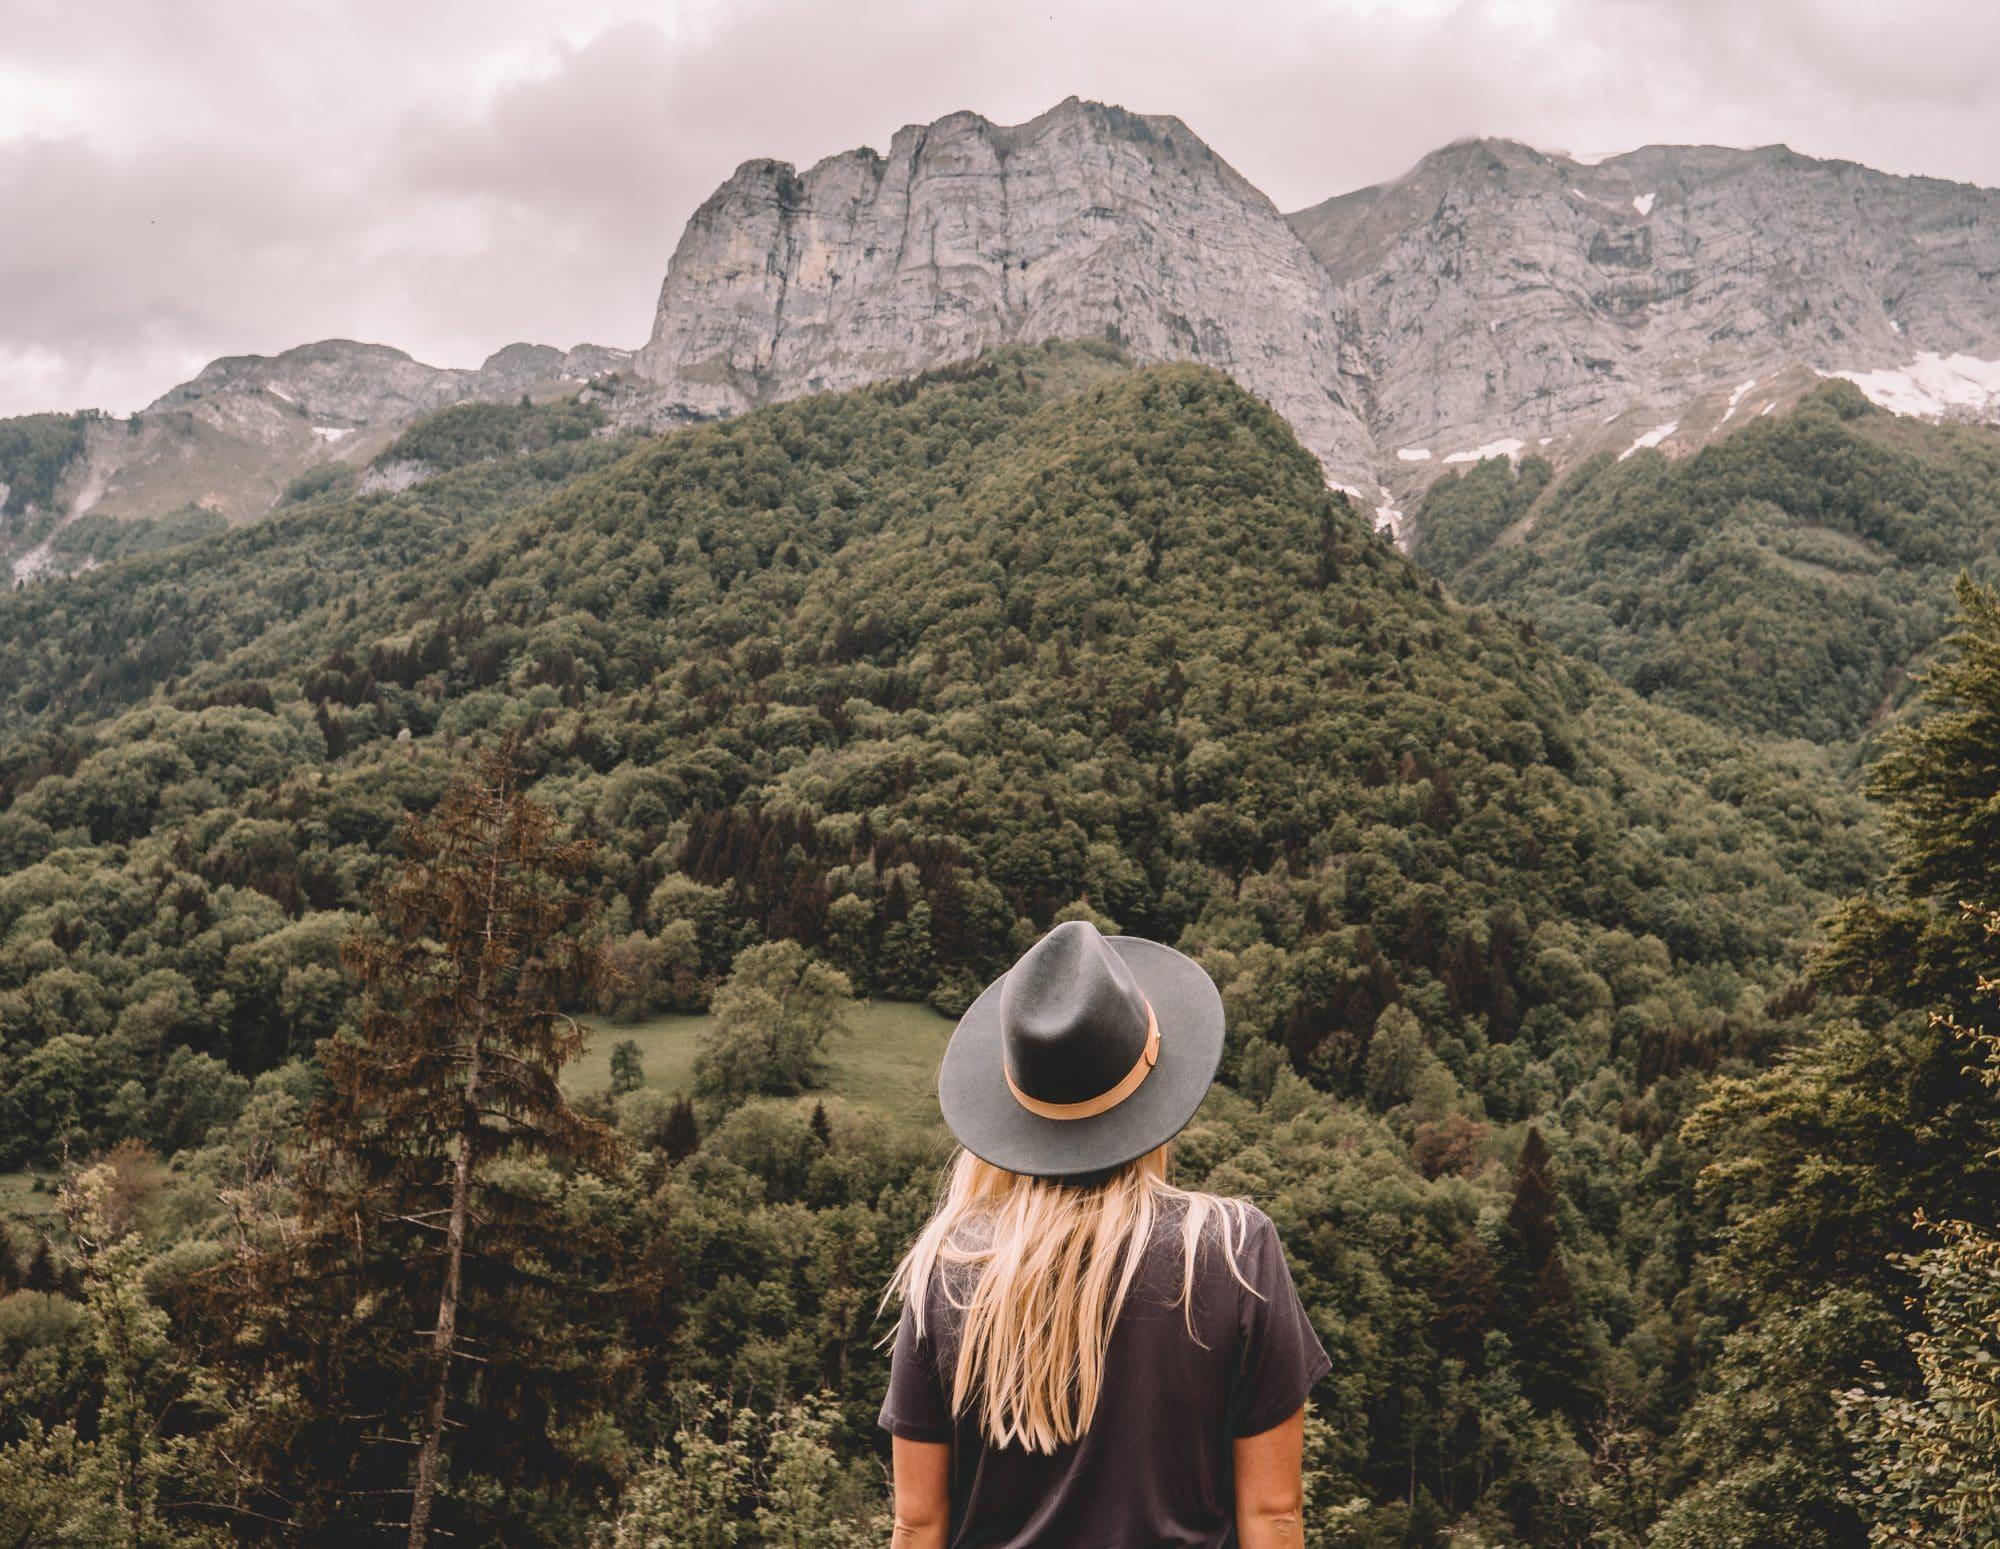 Image Voyage vers l'autosuffisance   L'aventure de Géraldine & Daniel, une jeune couple inspirant